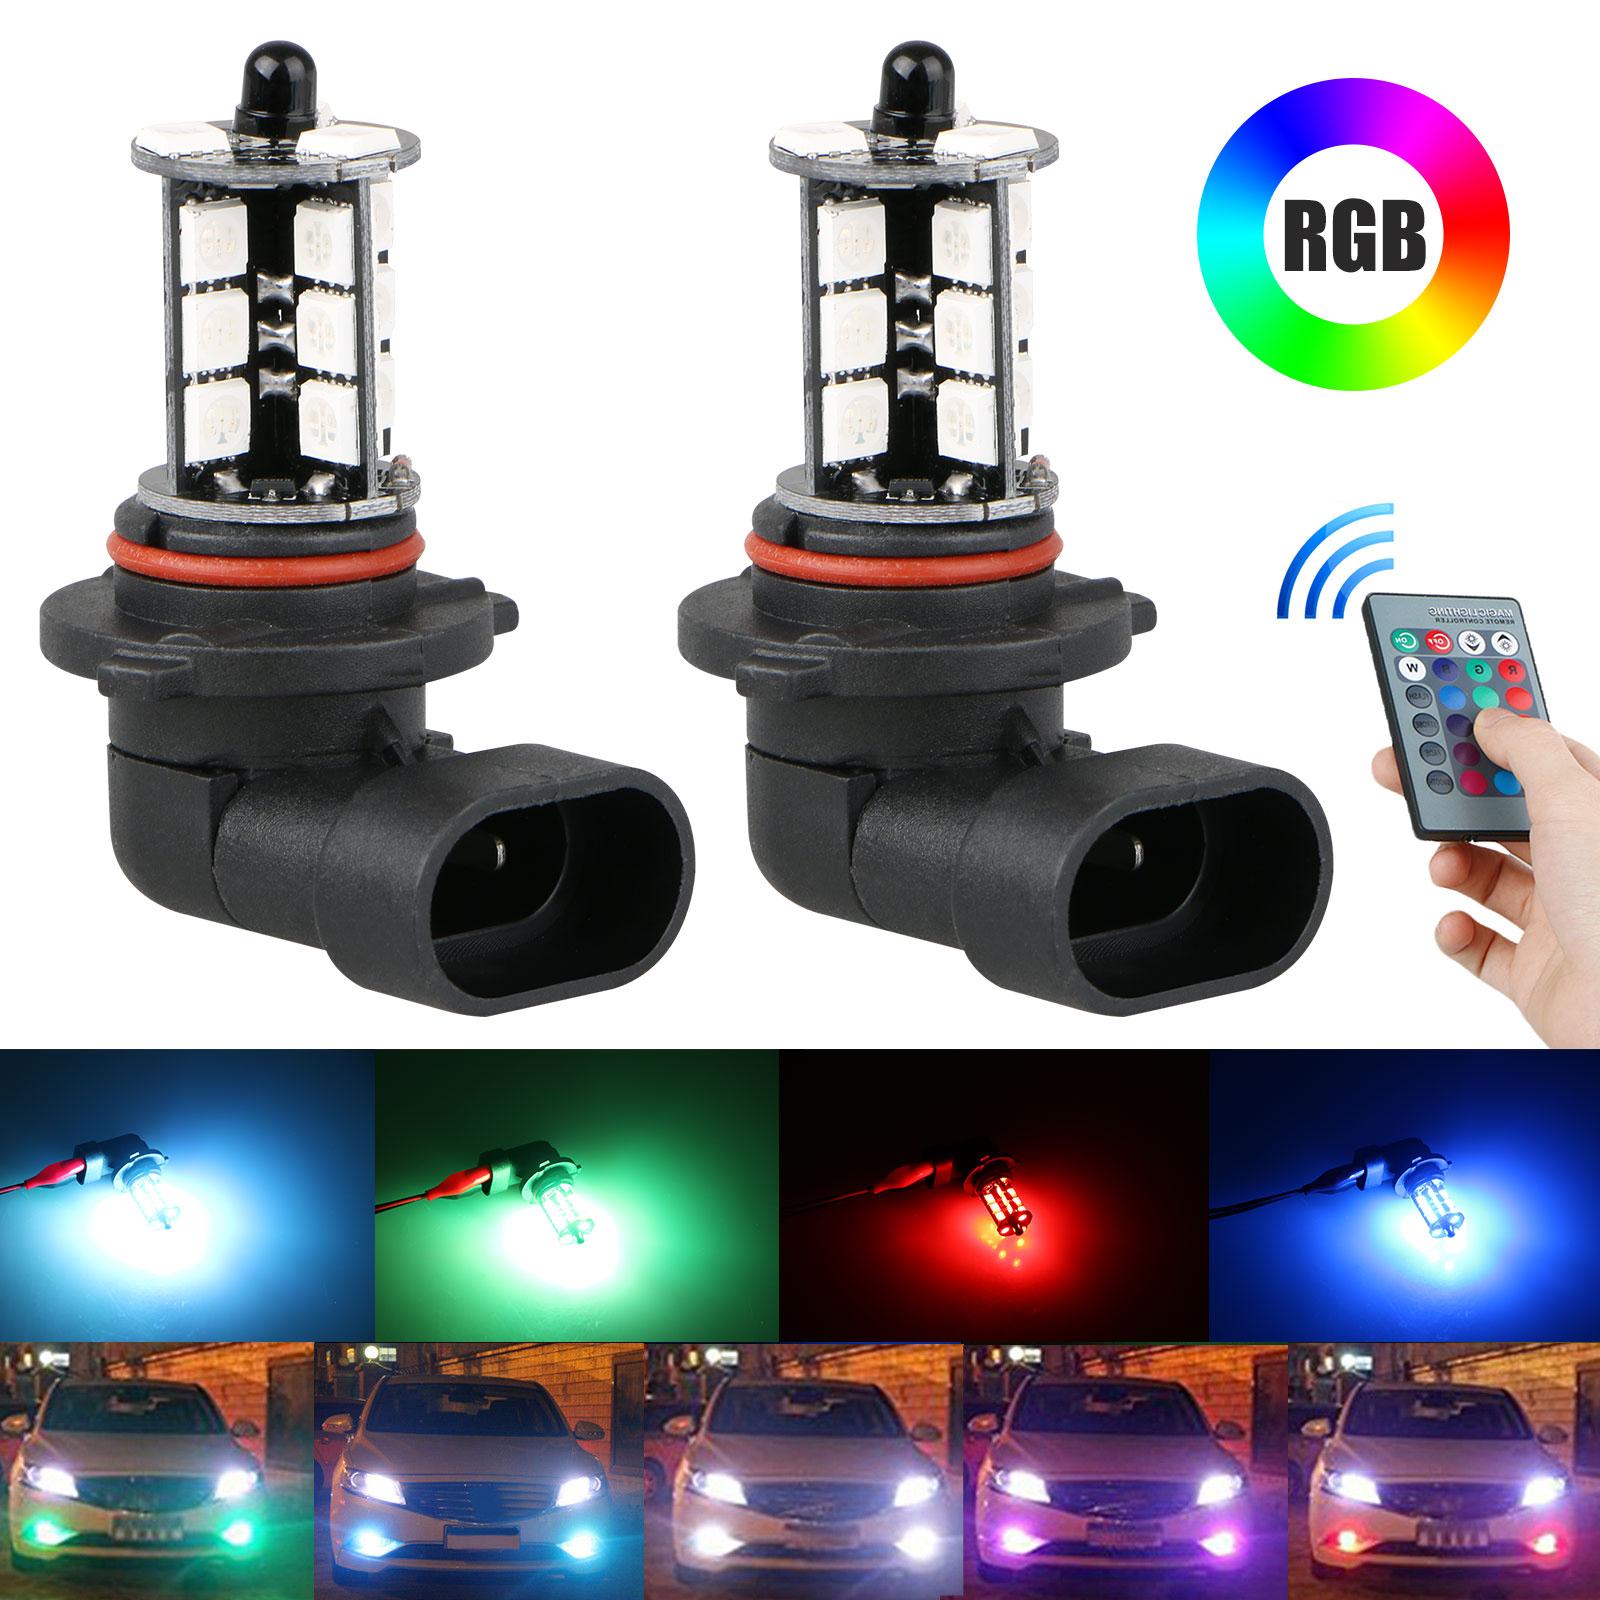 2x 9006 LED 27-SMD 5050 RGB Car Headlight Fog Light Lamp Bul